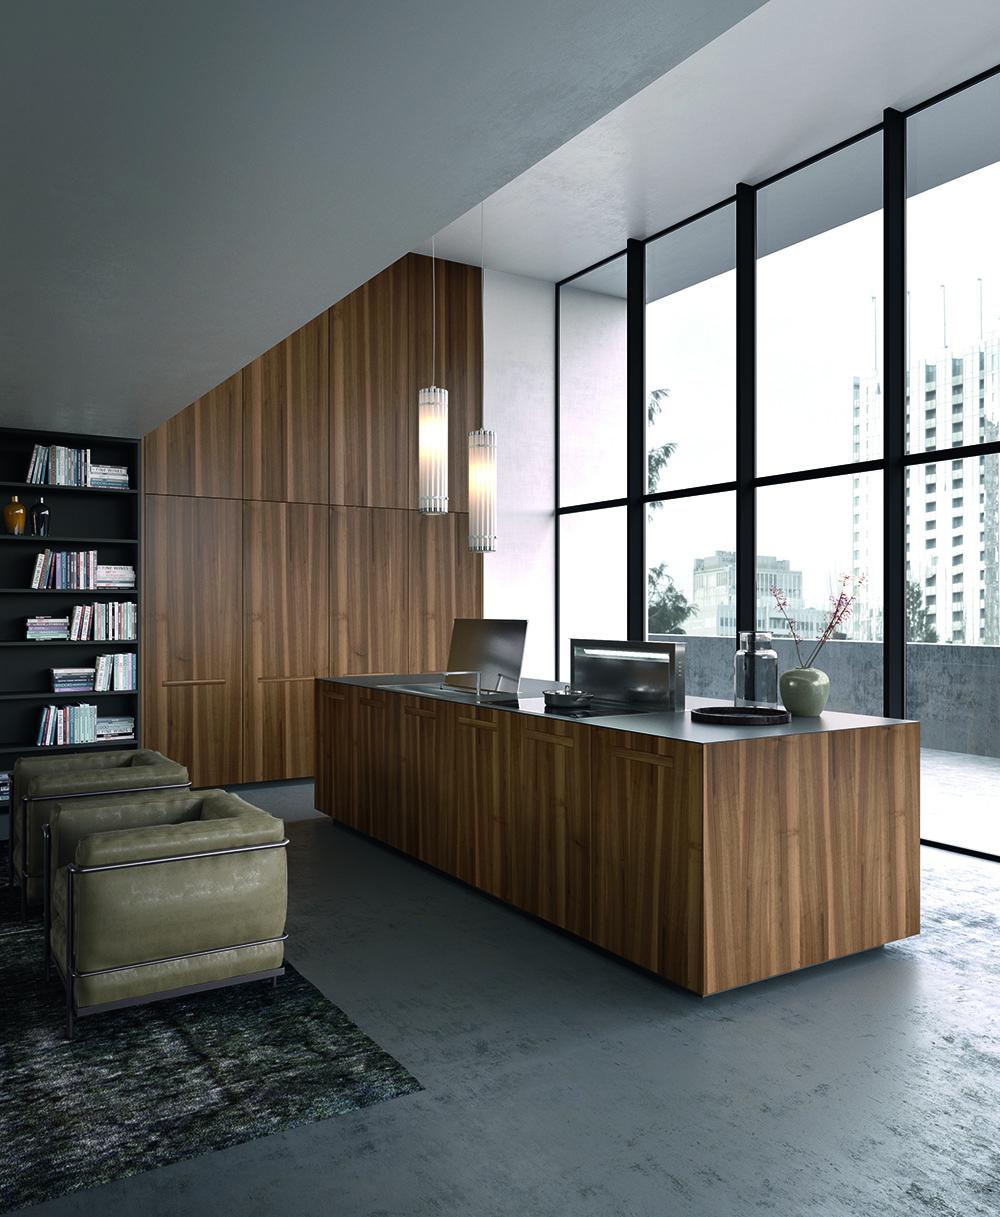 Arredo e design legno protagonista della cucina sintesi for Design della cucina